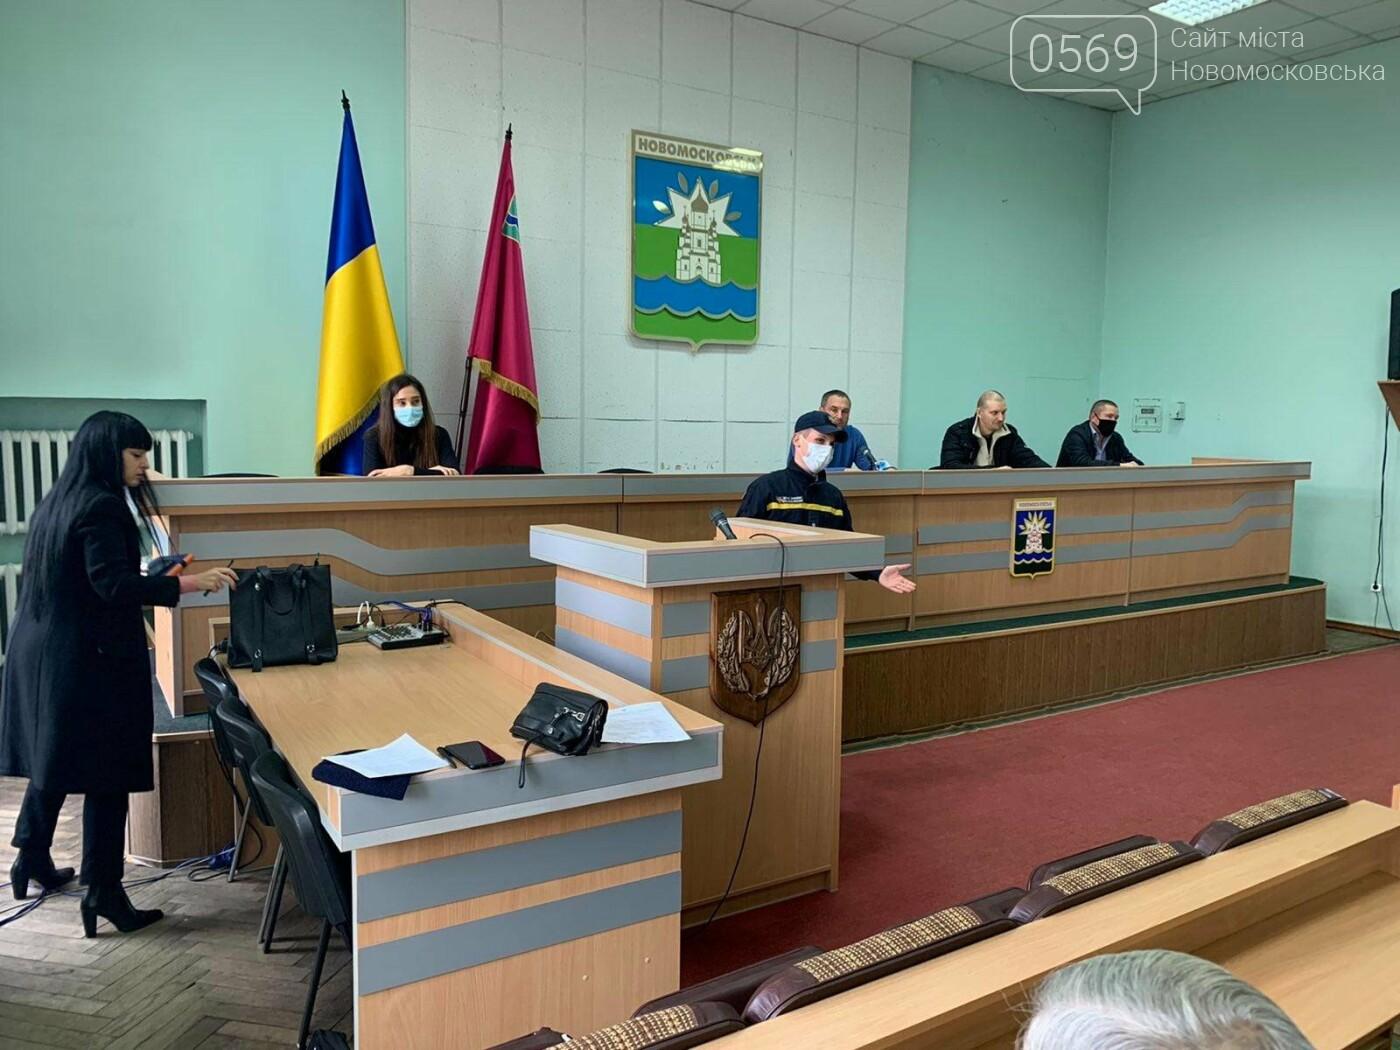 Надзвичайники Новомосковська провели інструктаж для організаторів виборчого процесу в місті, фото-2